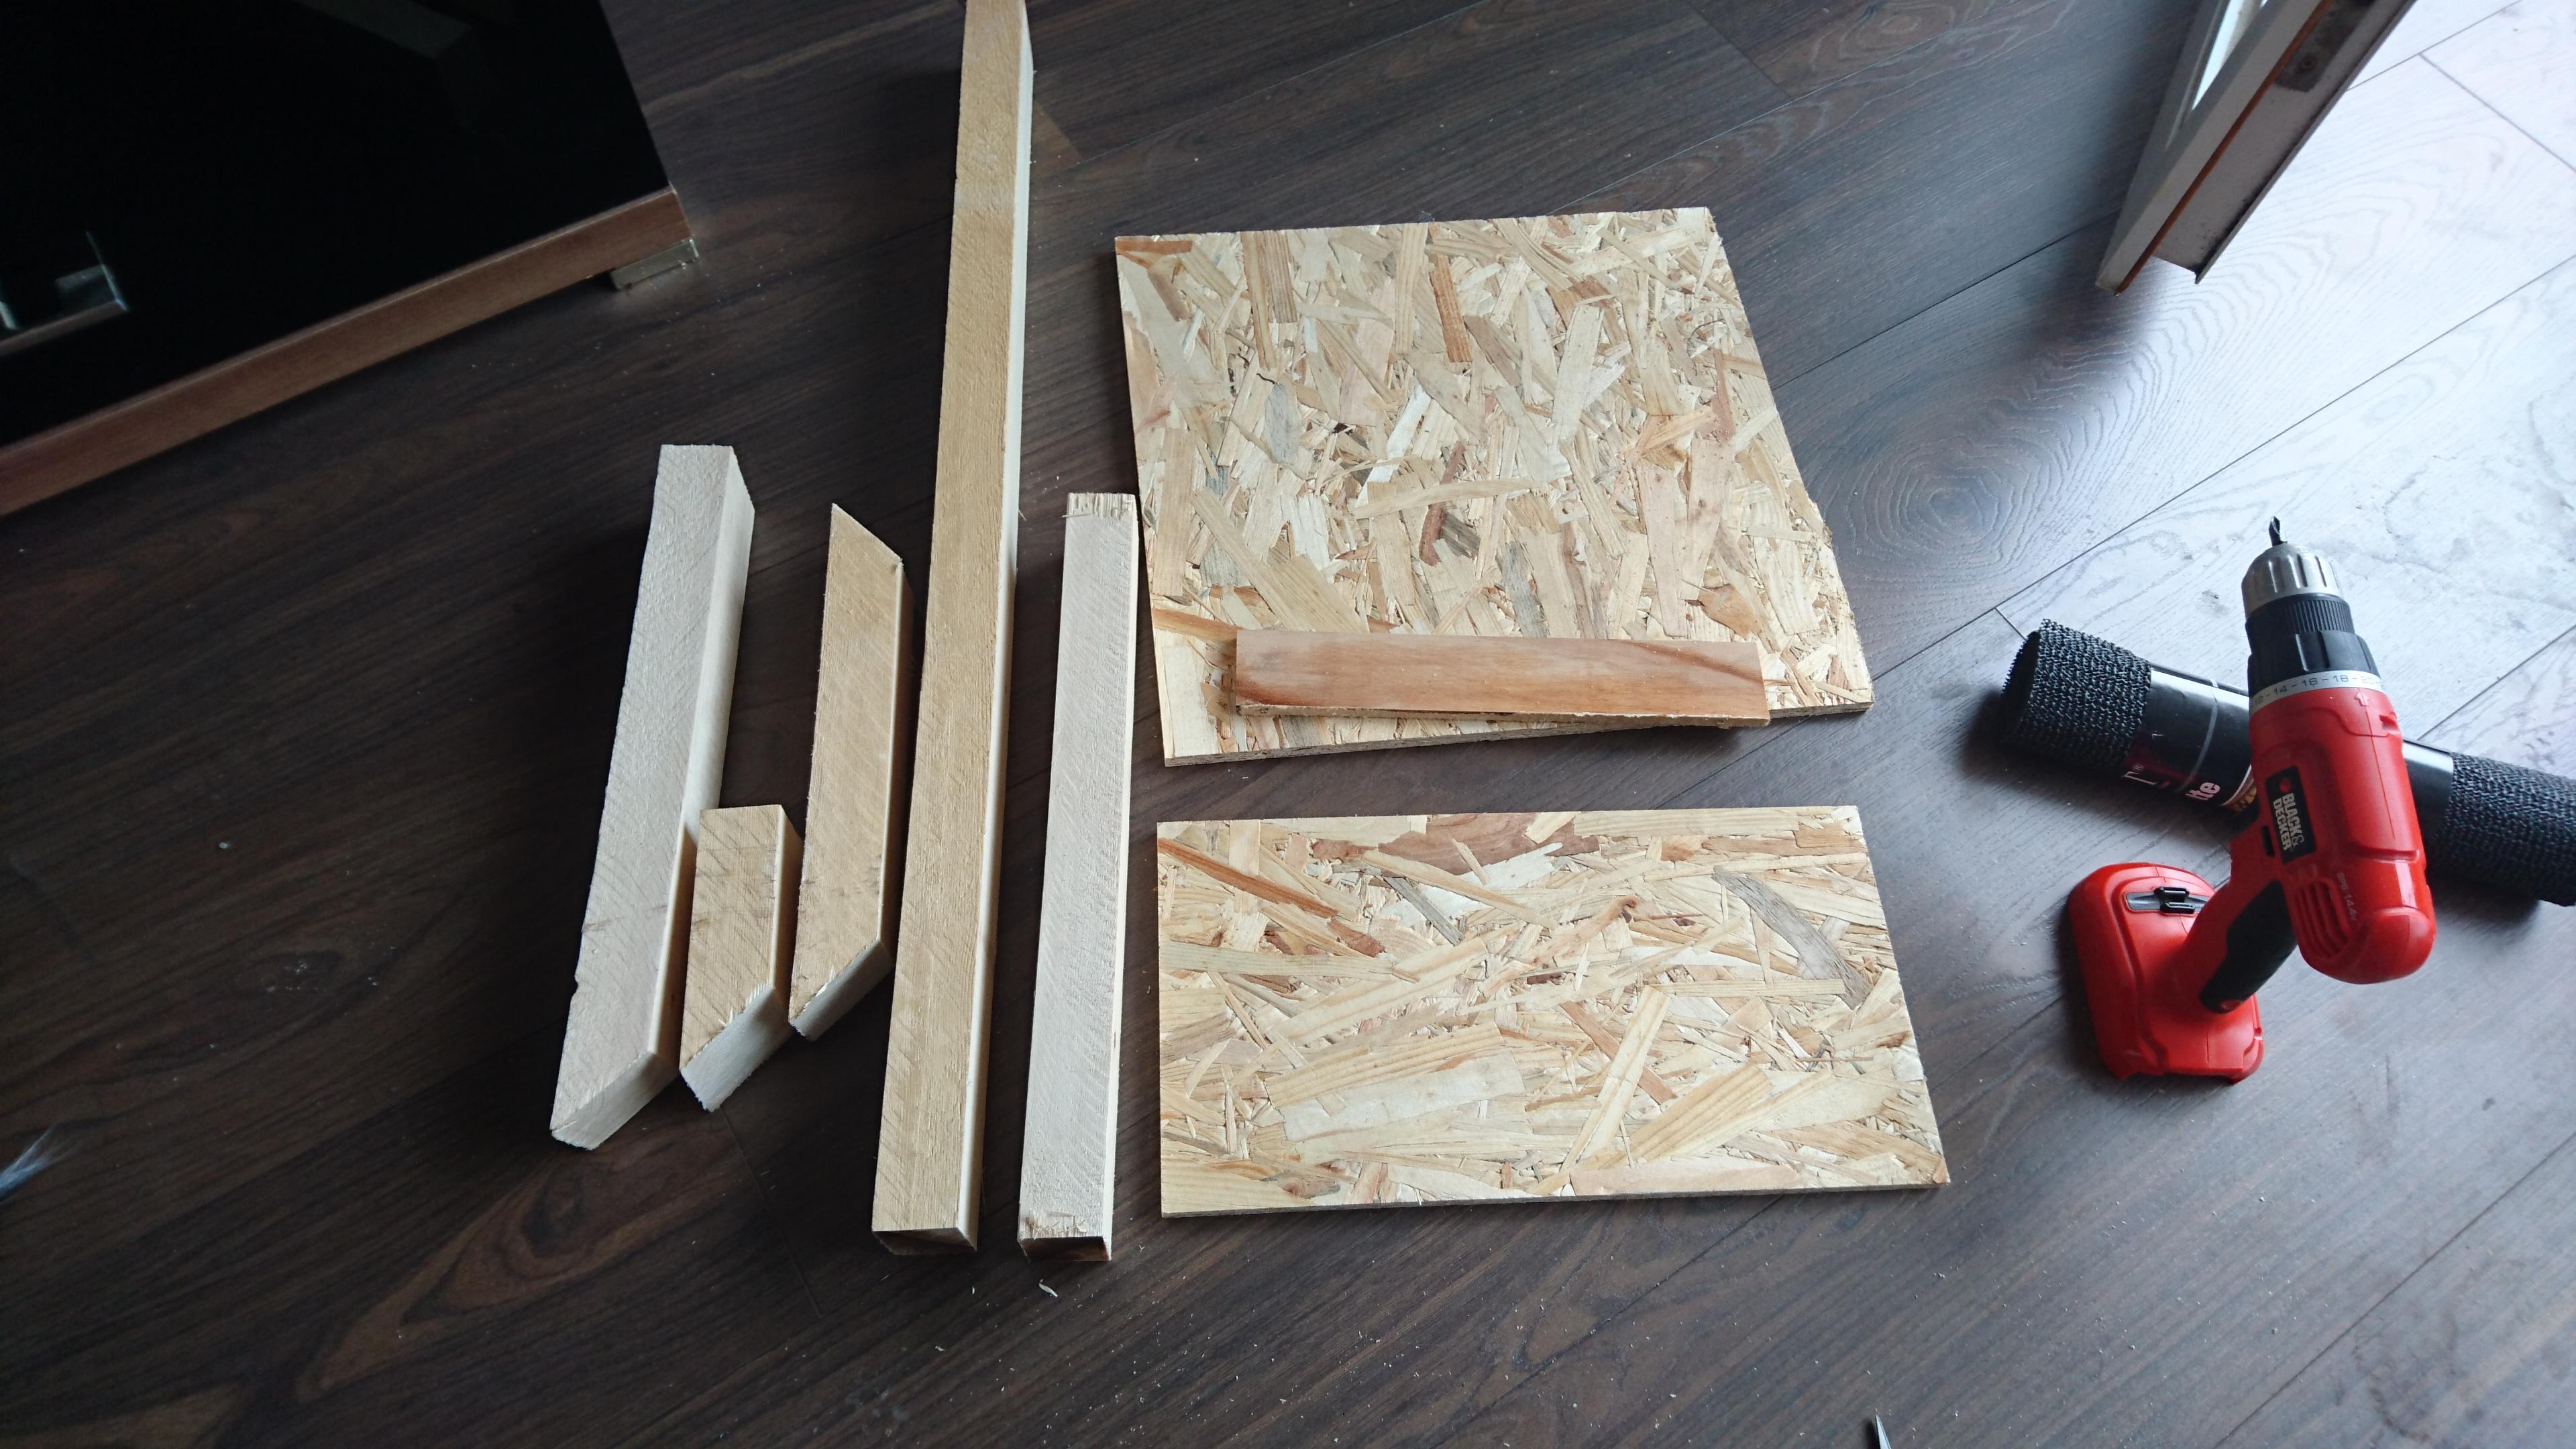 holz selber stabilisieren ausentreppe aus holz selber bauen wie baut man einen vorzeltboden f. Black Bedroom Furniture Sets. Home Design Ideas